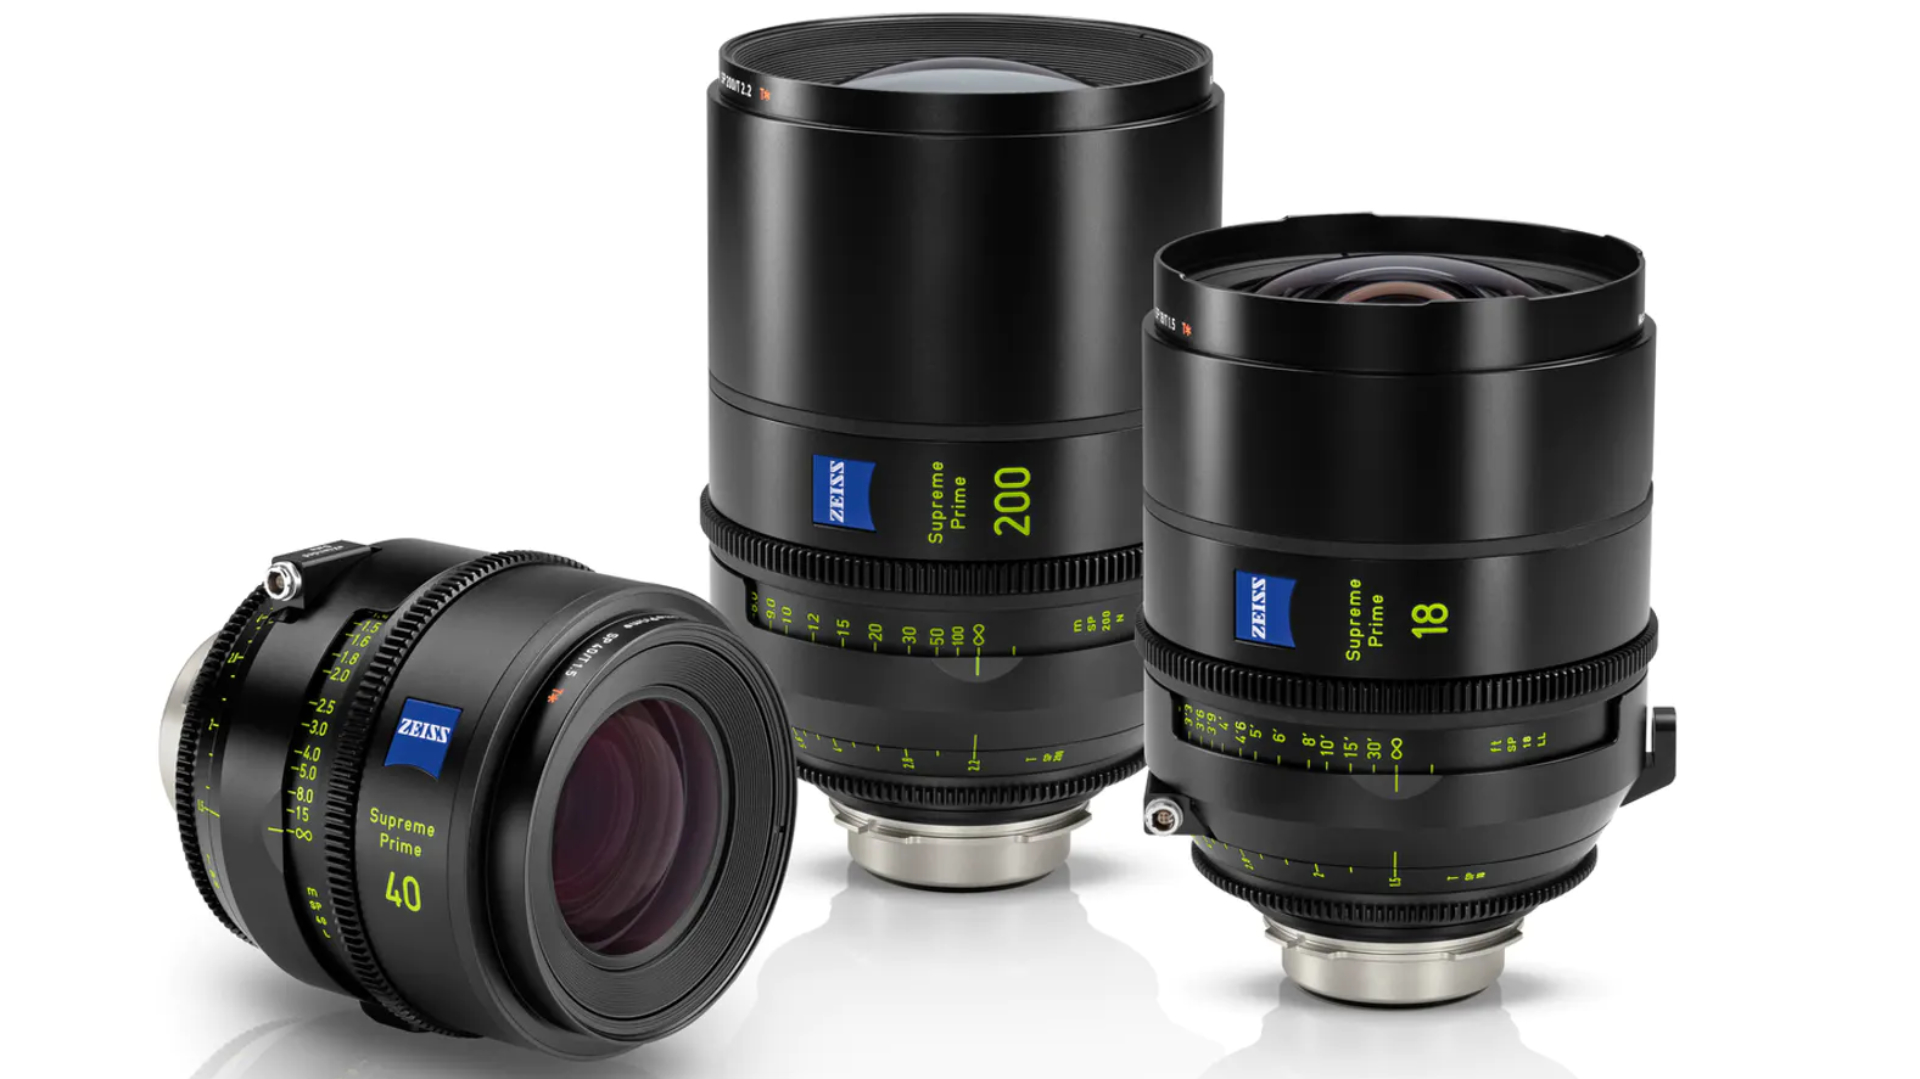 ツァイス(ZEISS)が Supreme Prime18mm T1.5、40mm T1.5、 200mm T2.2を発表